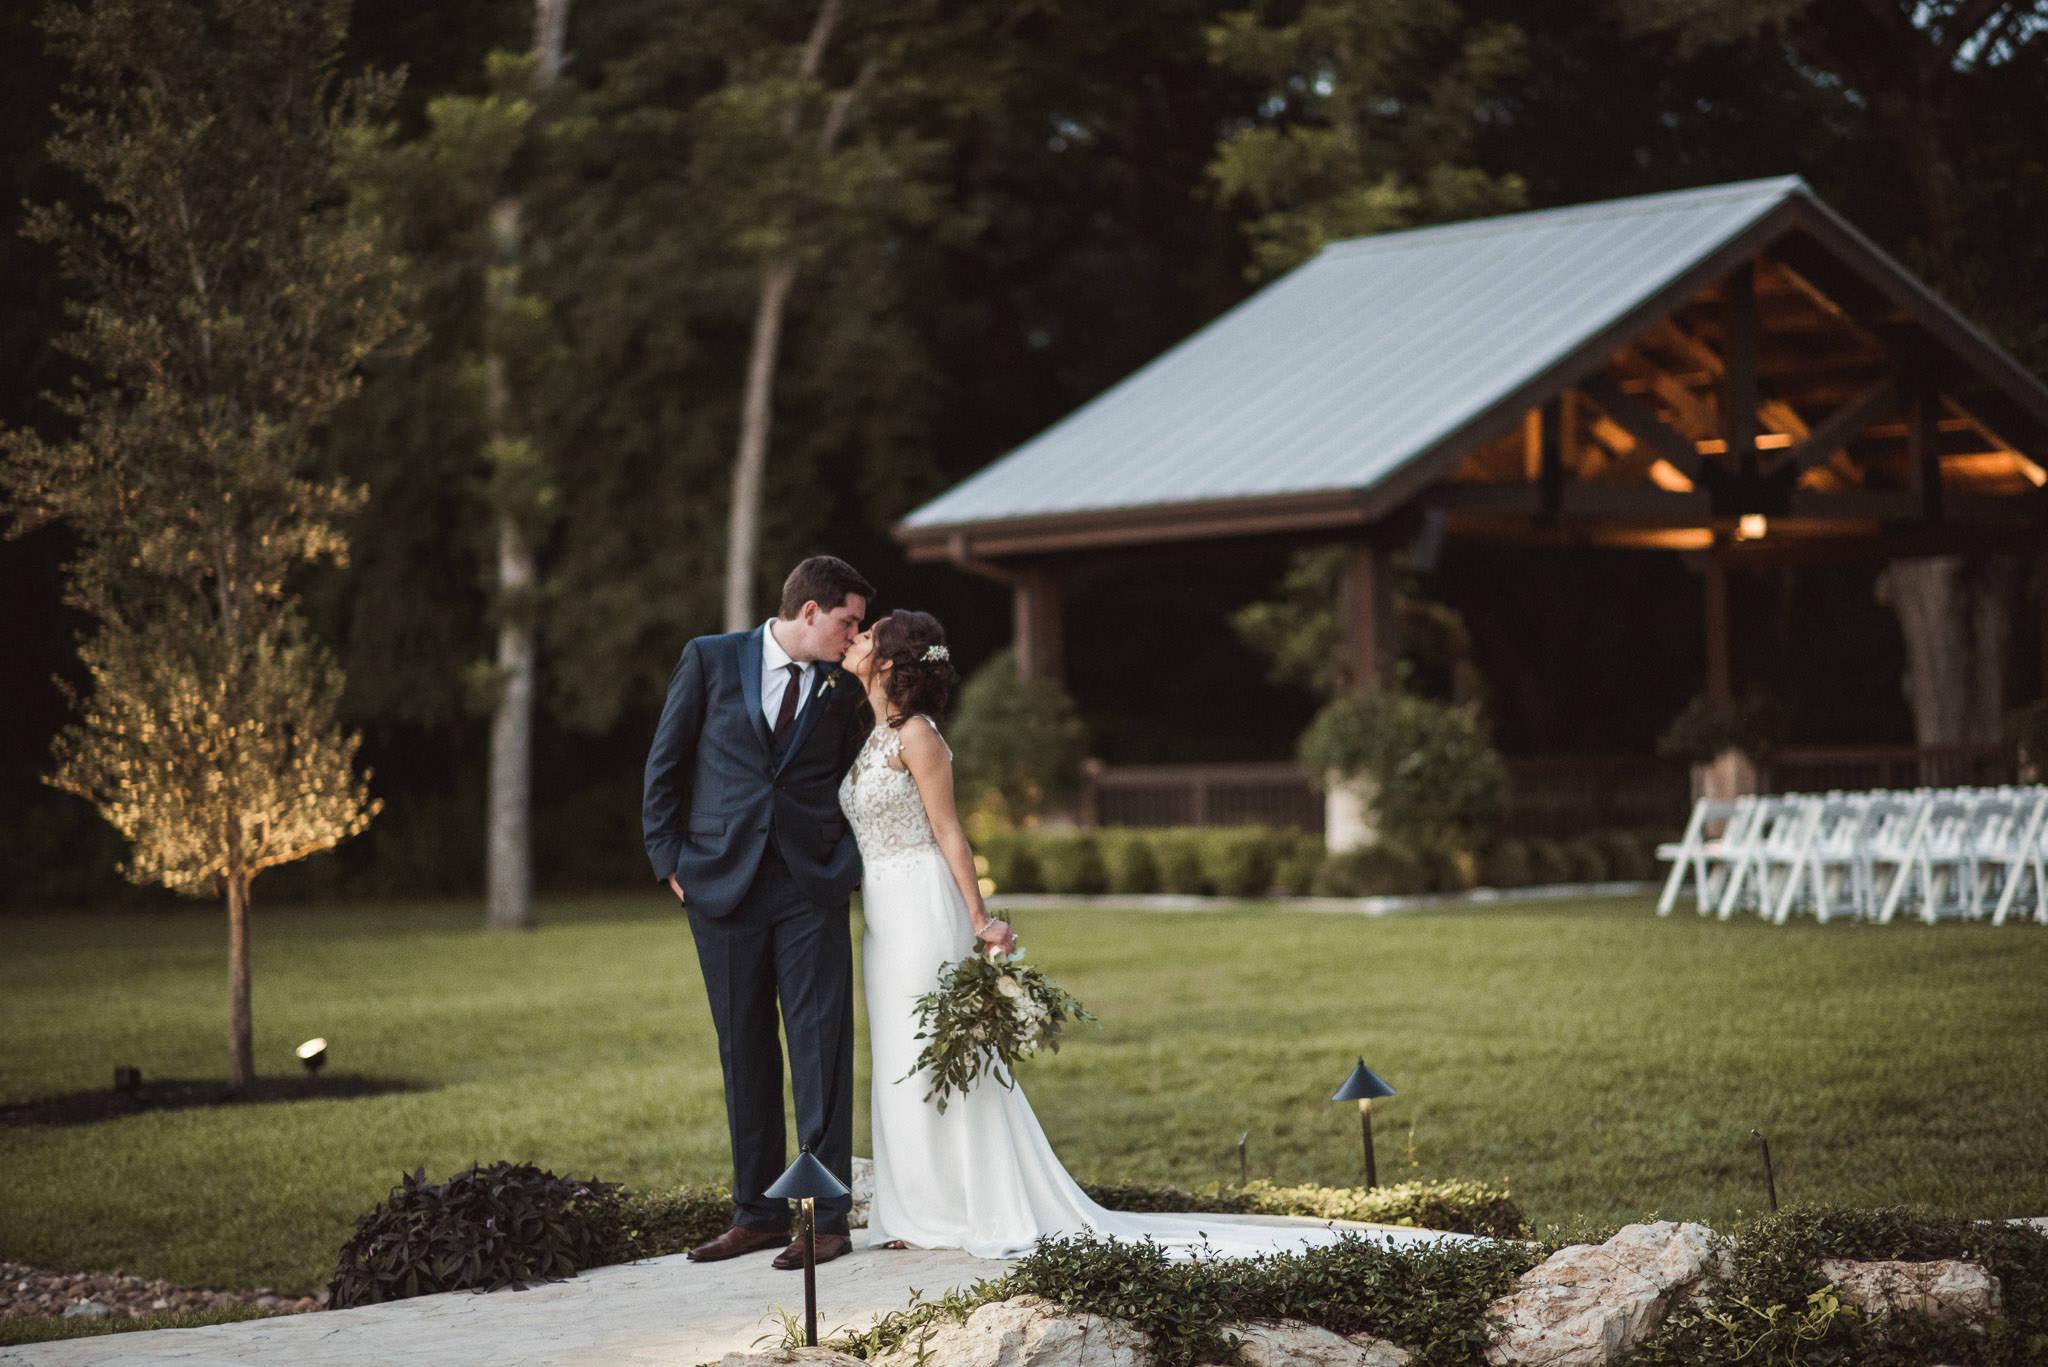 ashlee-trey-wedding-sm-121.jpg